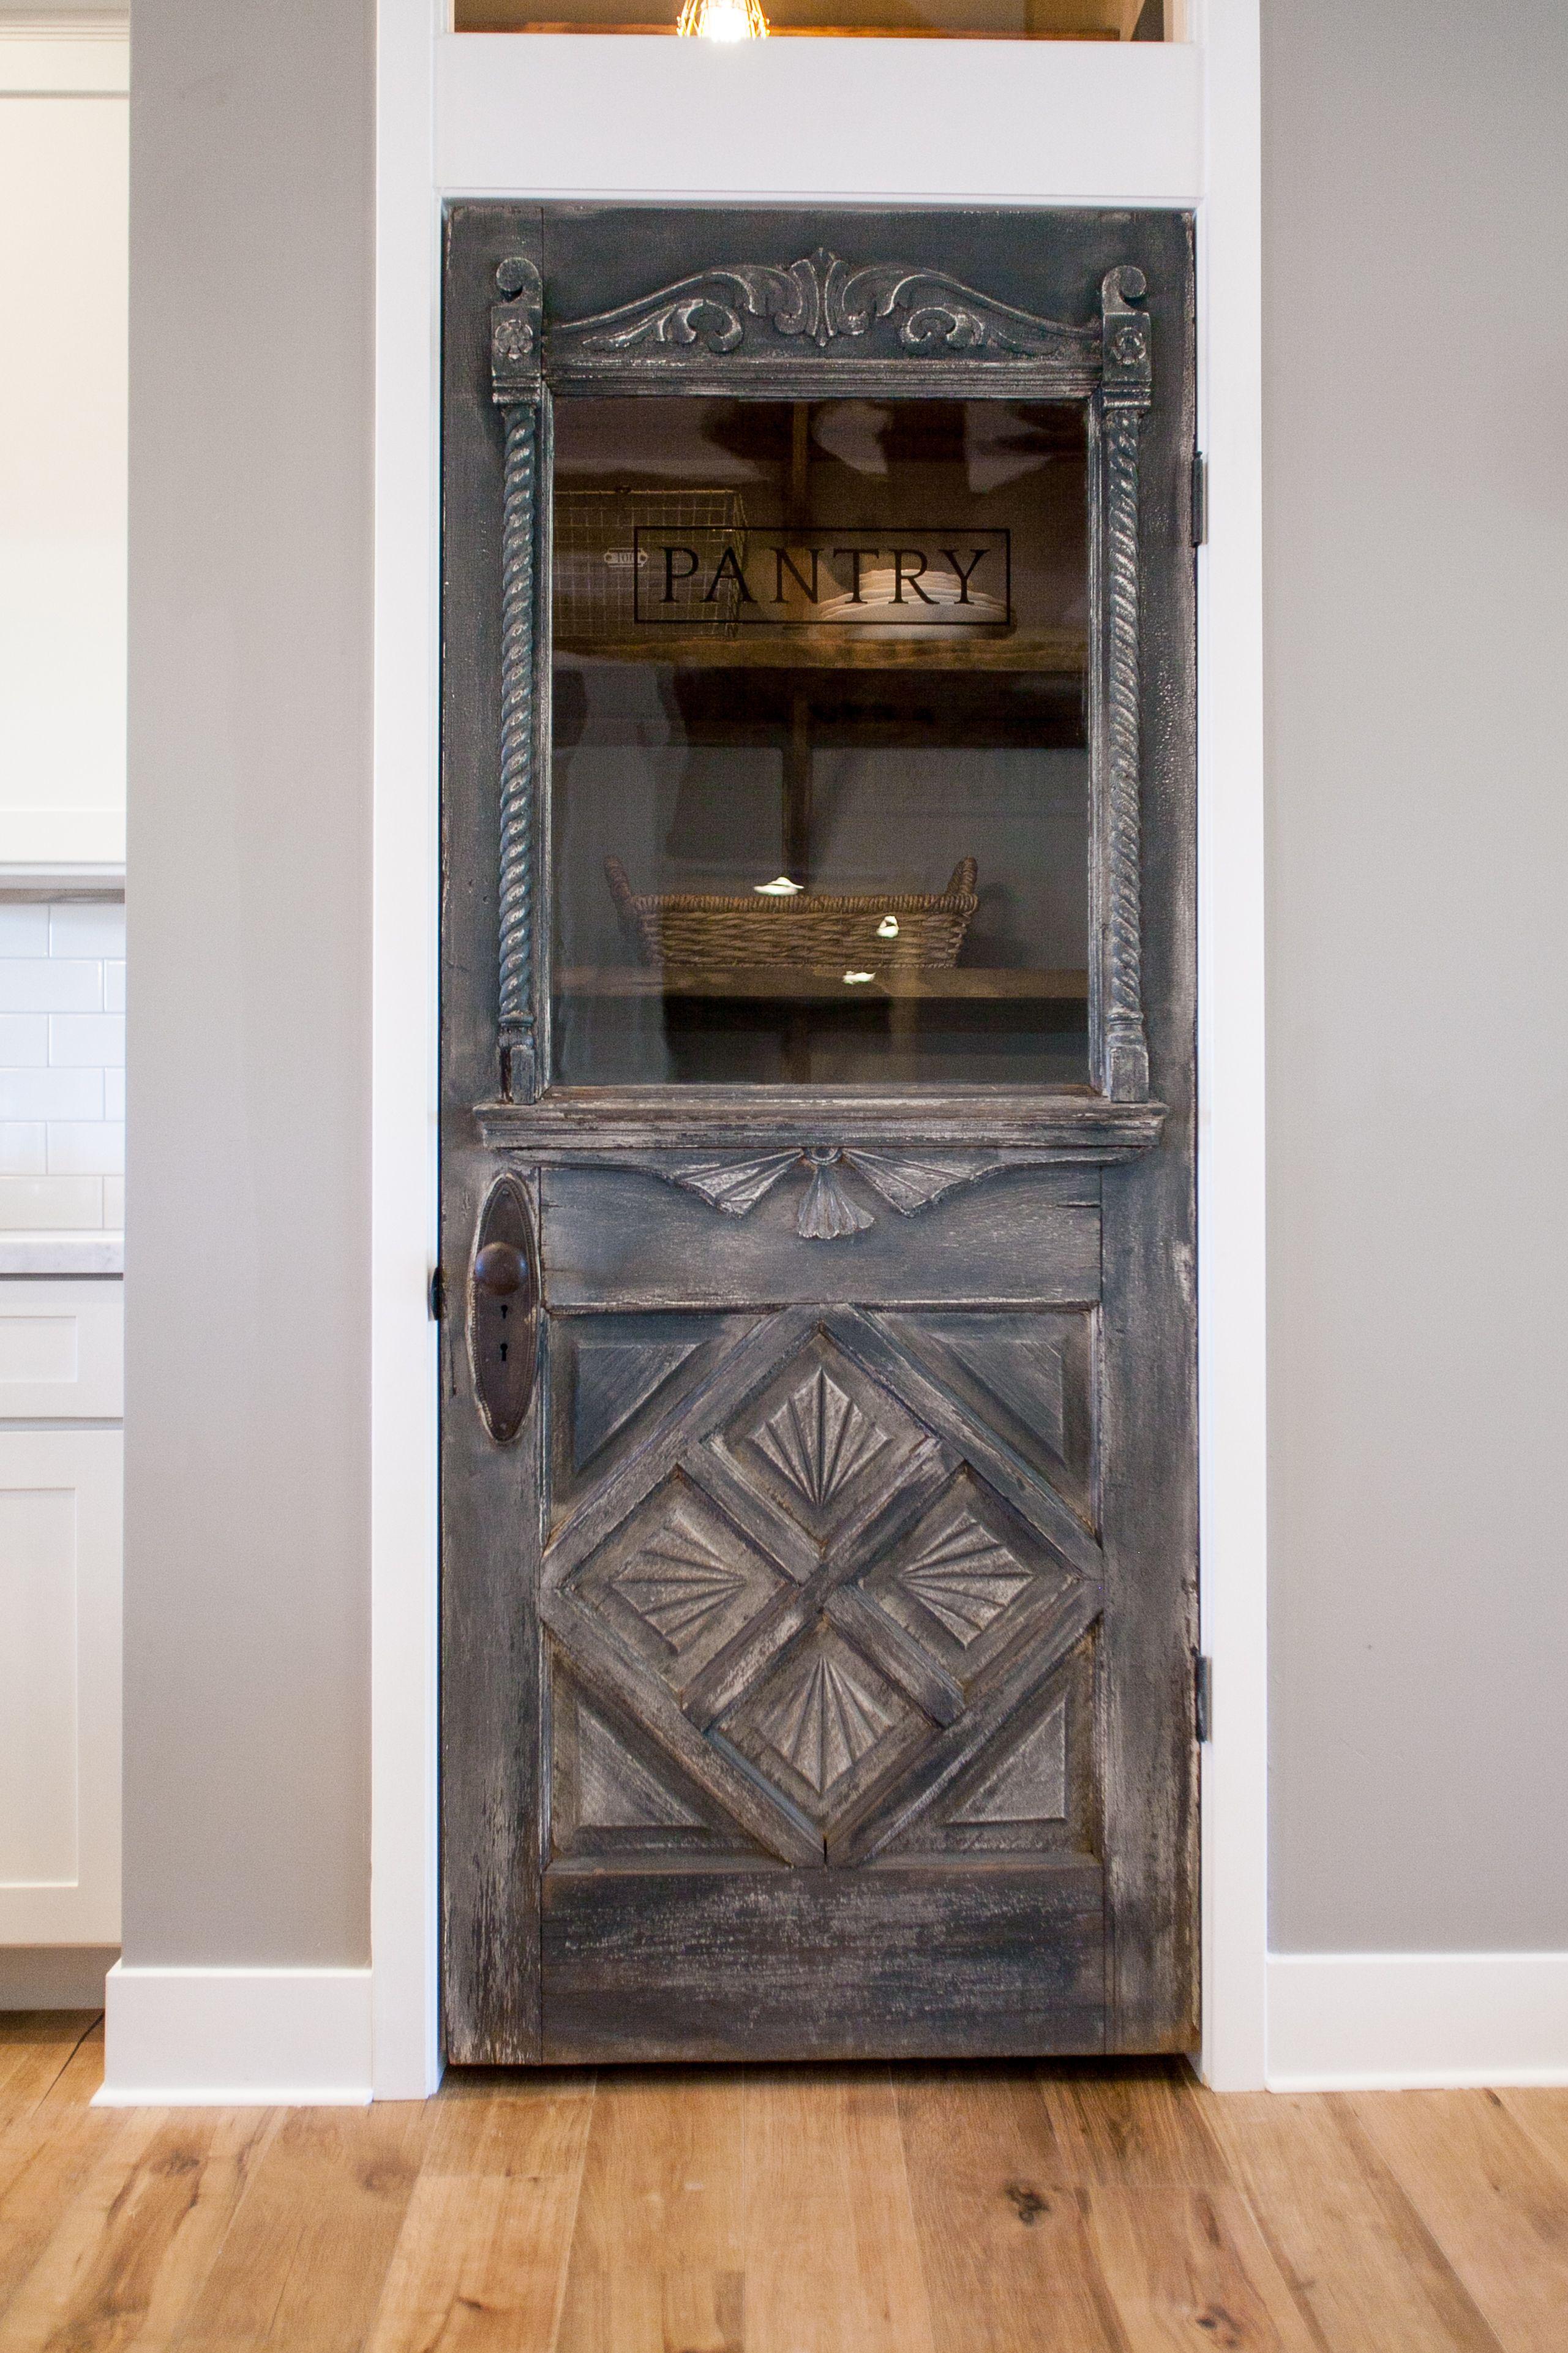 Antique Farmhouse Door Repurposed As A Pantry Door By Rafterhouse Farmhouse Doors Farmhouse Pantry Doors Repurposed